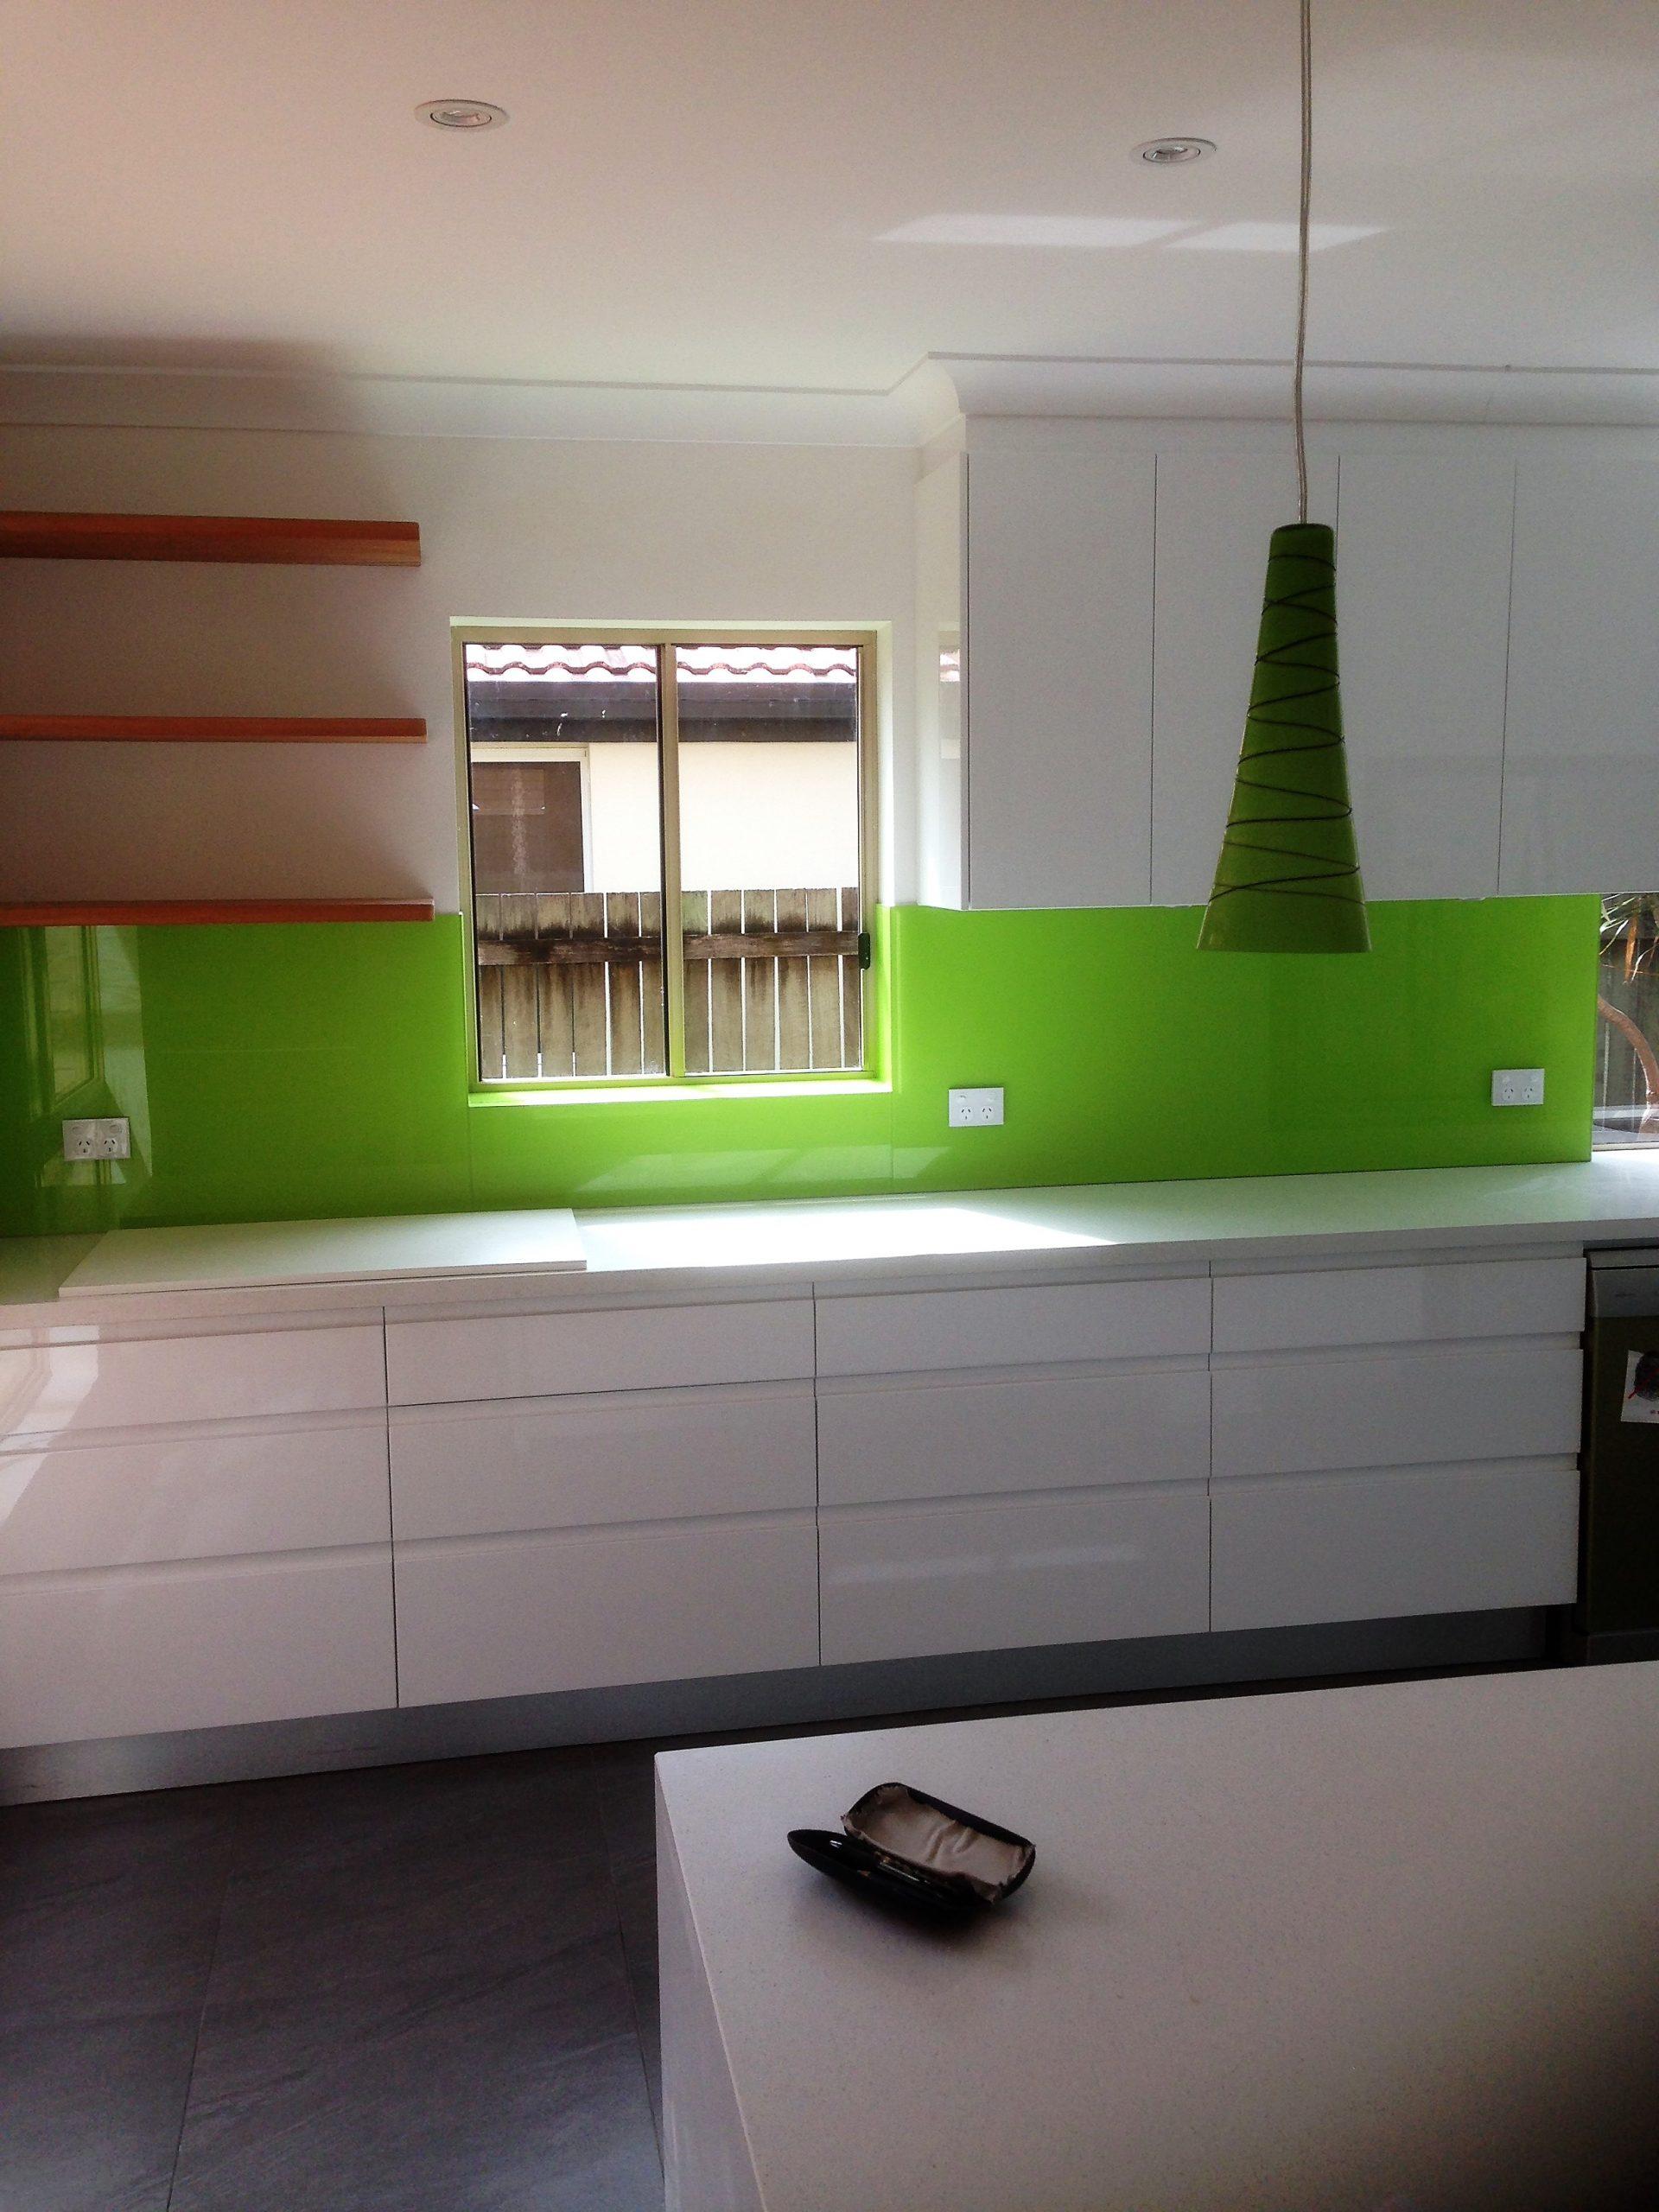 Design Pointers When Choosing Kitchen Glass Splashbacks